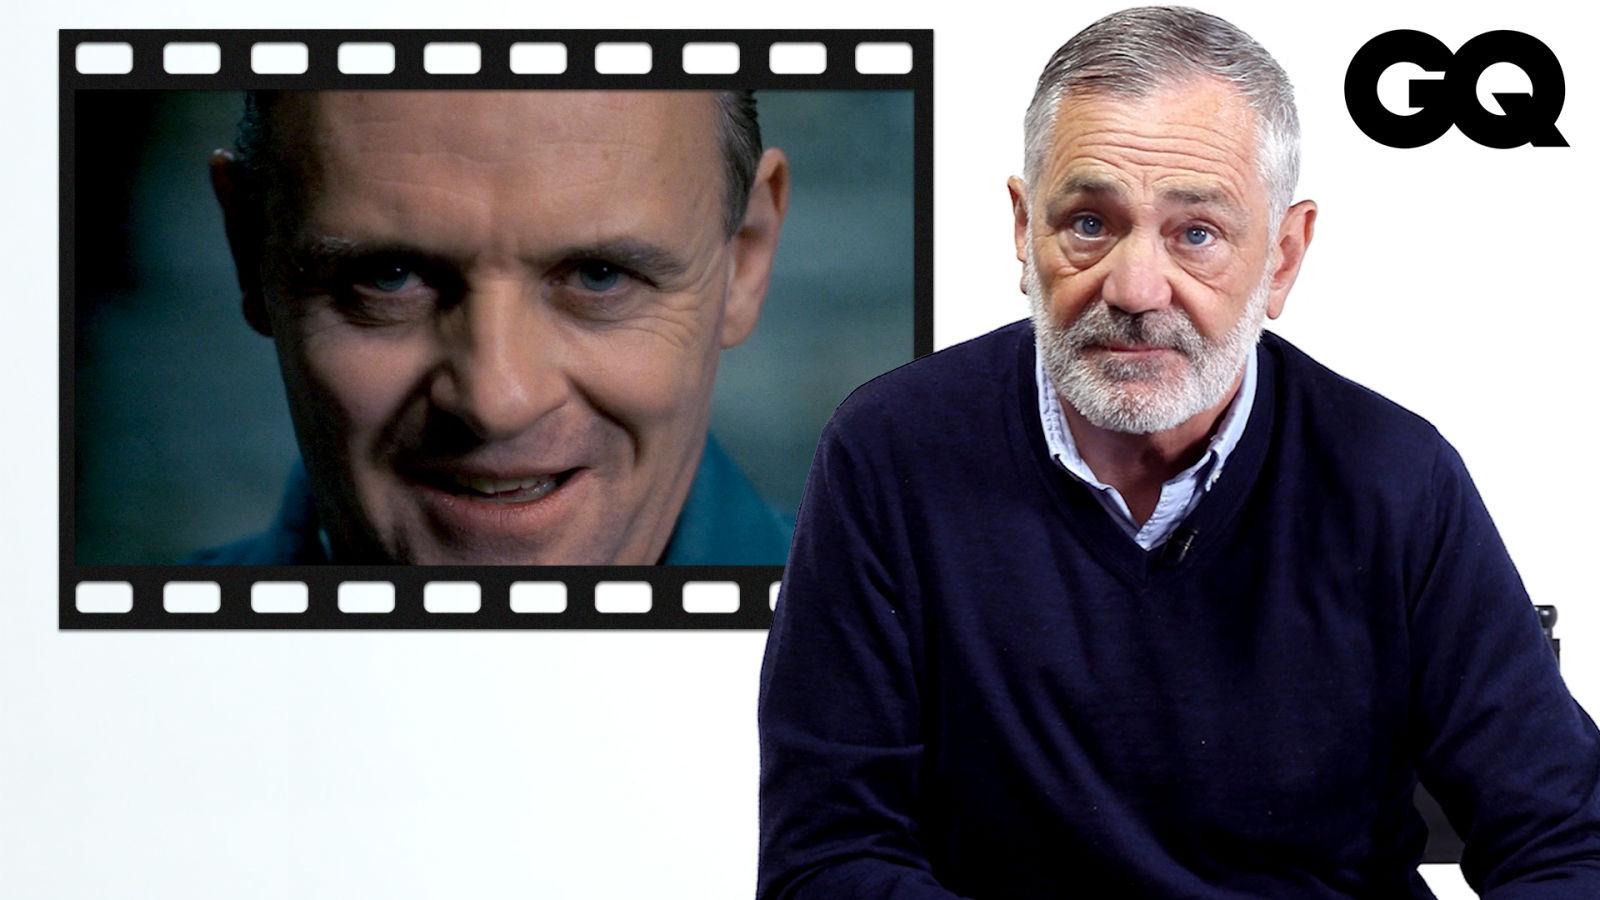 連環殺人犯是如何養成的?犯罪學者剖析連環殺手電影片段 Criminologist Reviews Serial Killers From Movies & TV|經典電影大解密|GQ Taiwan